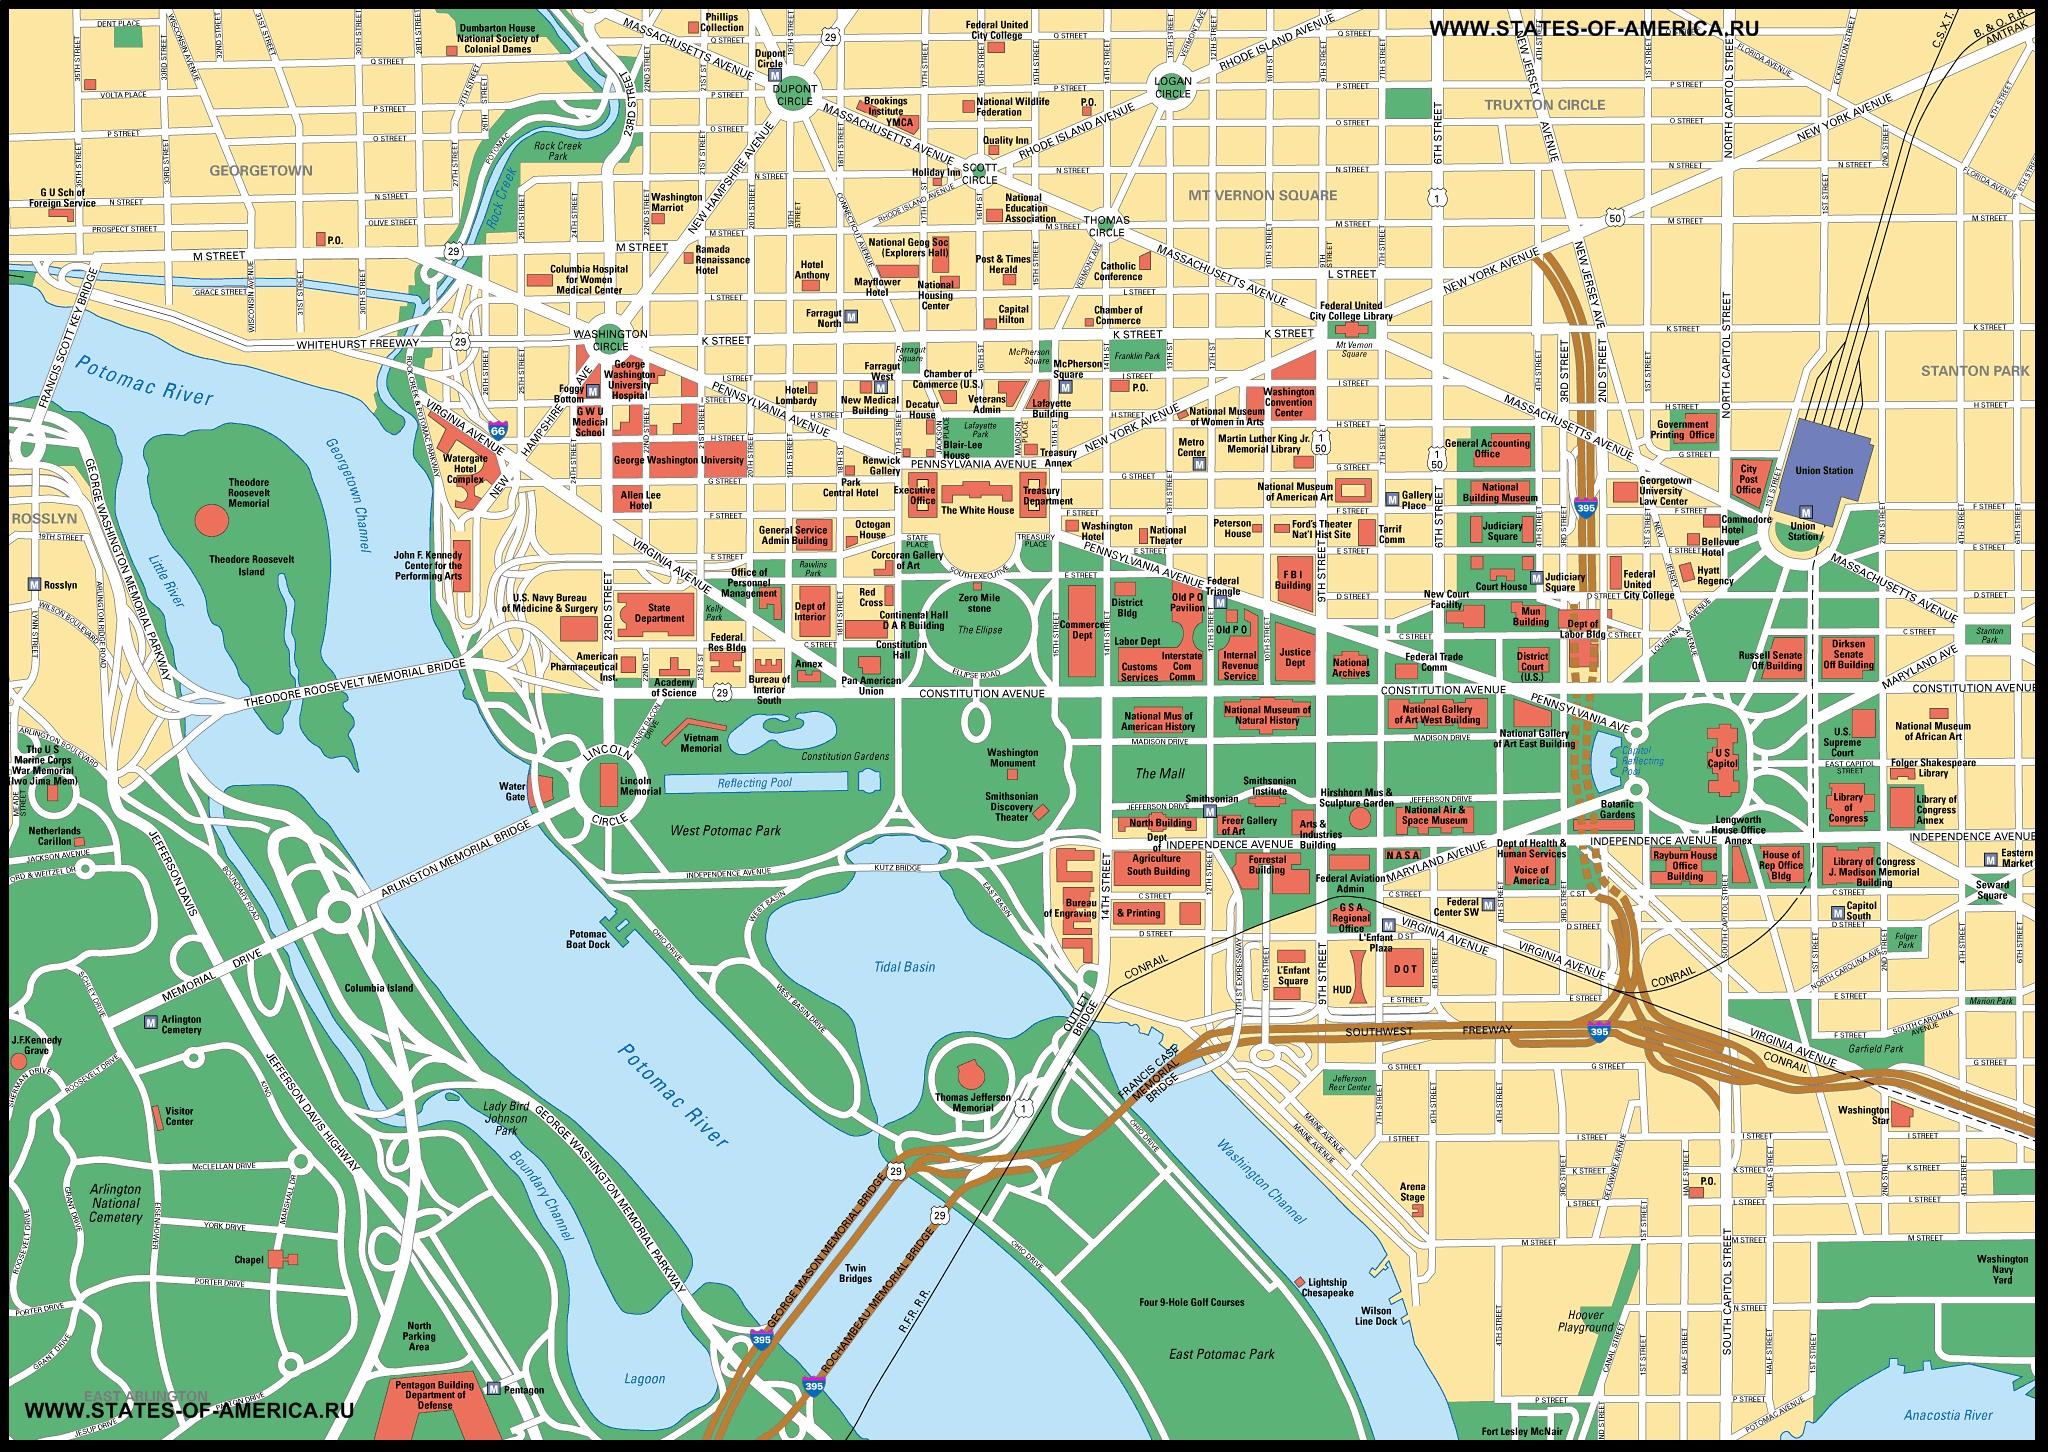 Подробная карта города Вашингтона на английском языке